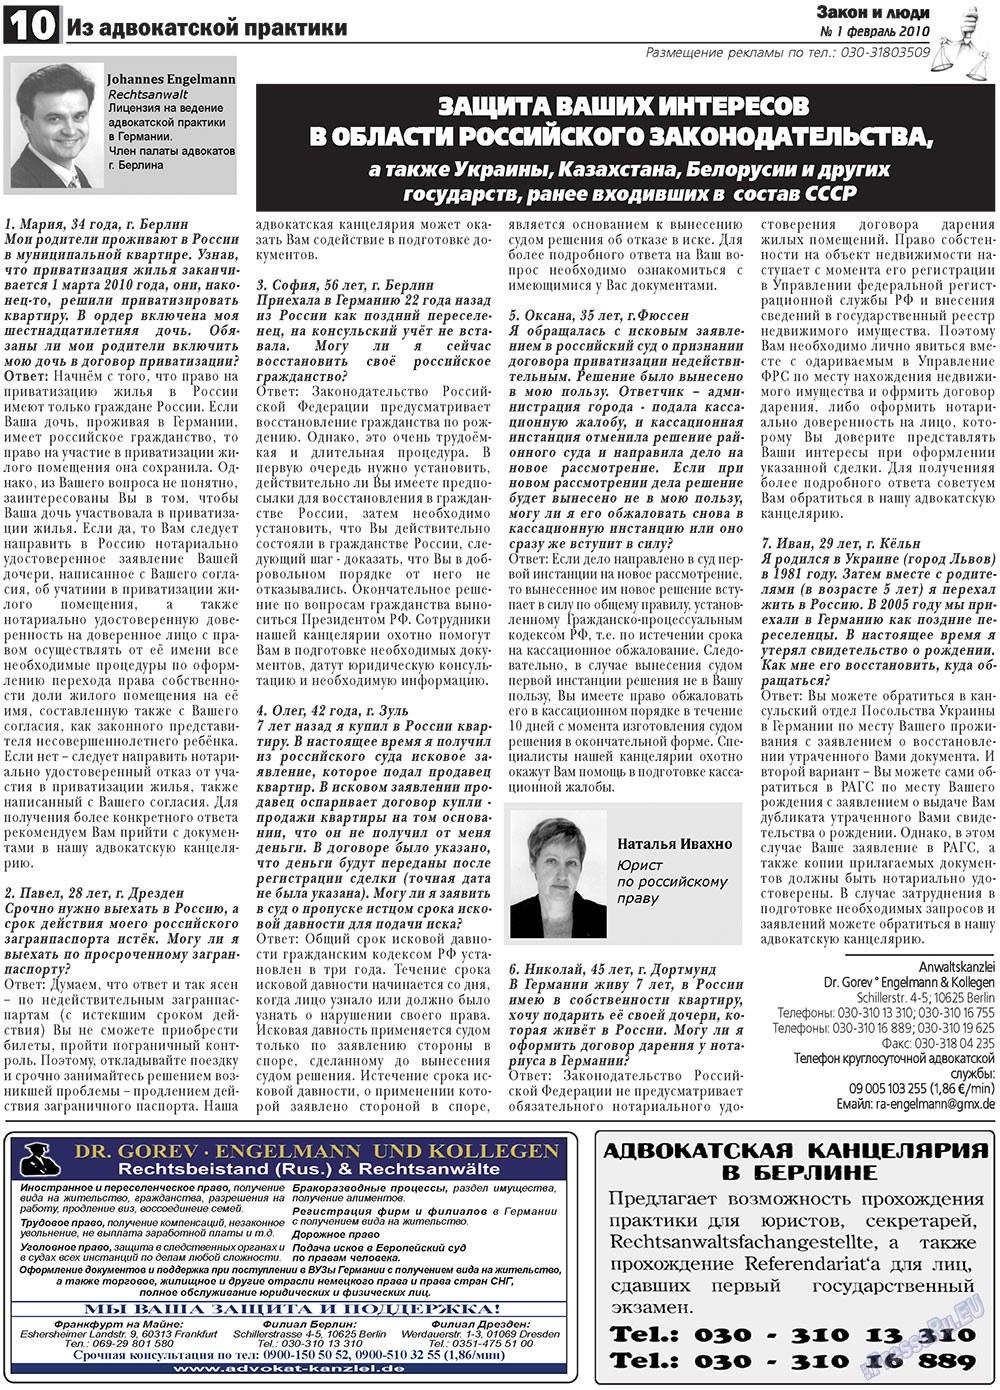 Закон и люди (газета). 2010 год, номер 1, стр. 10